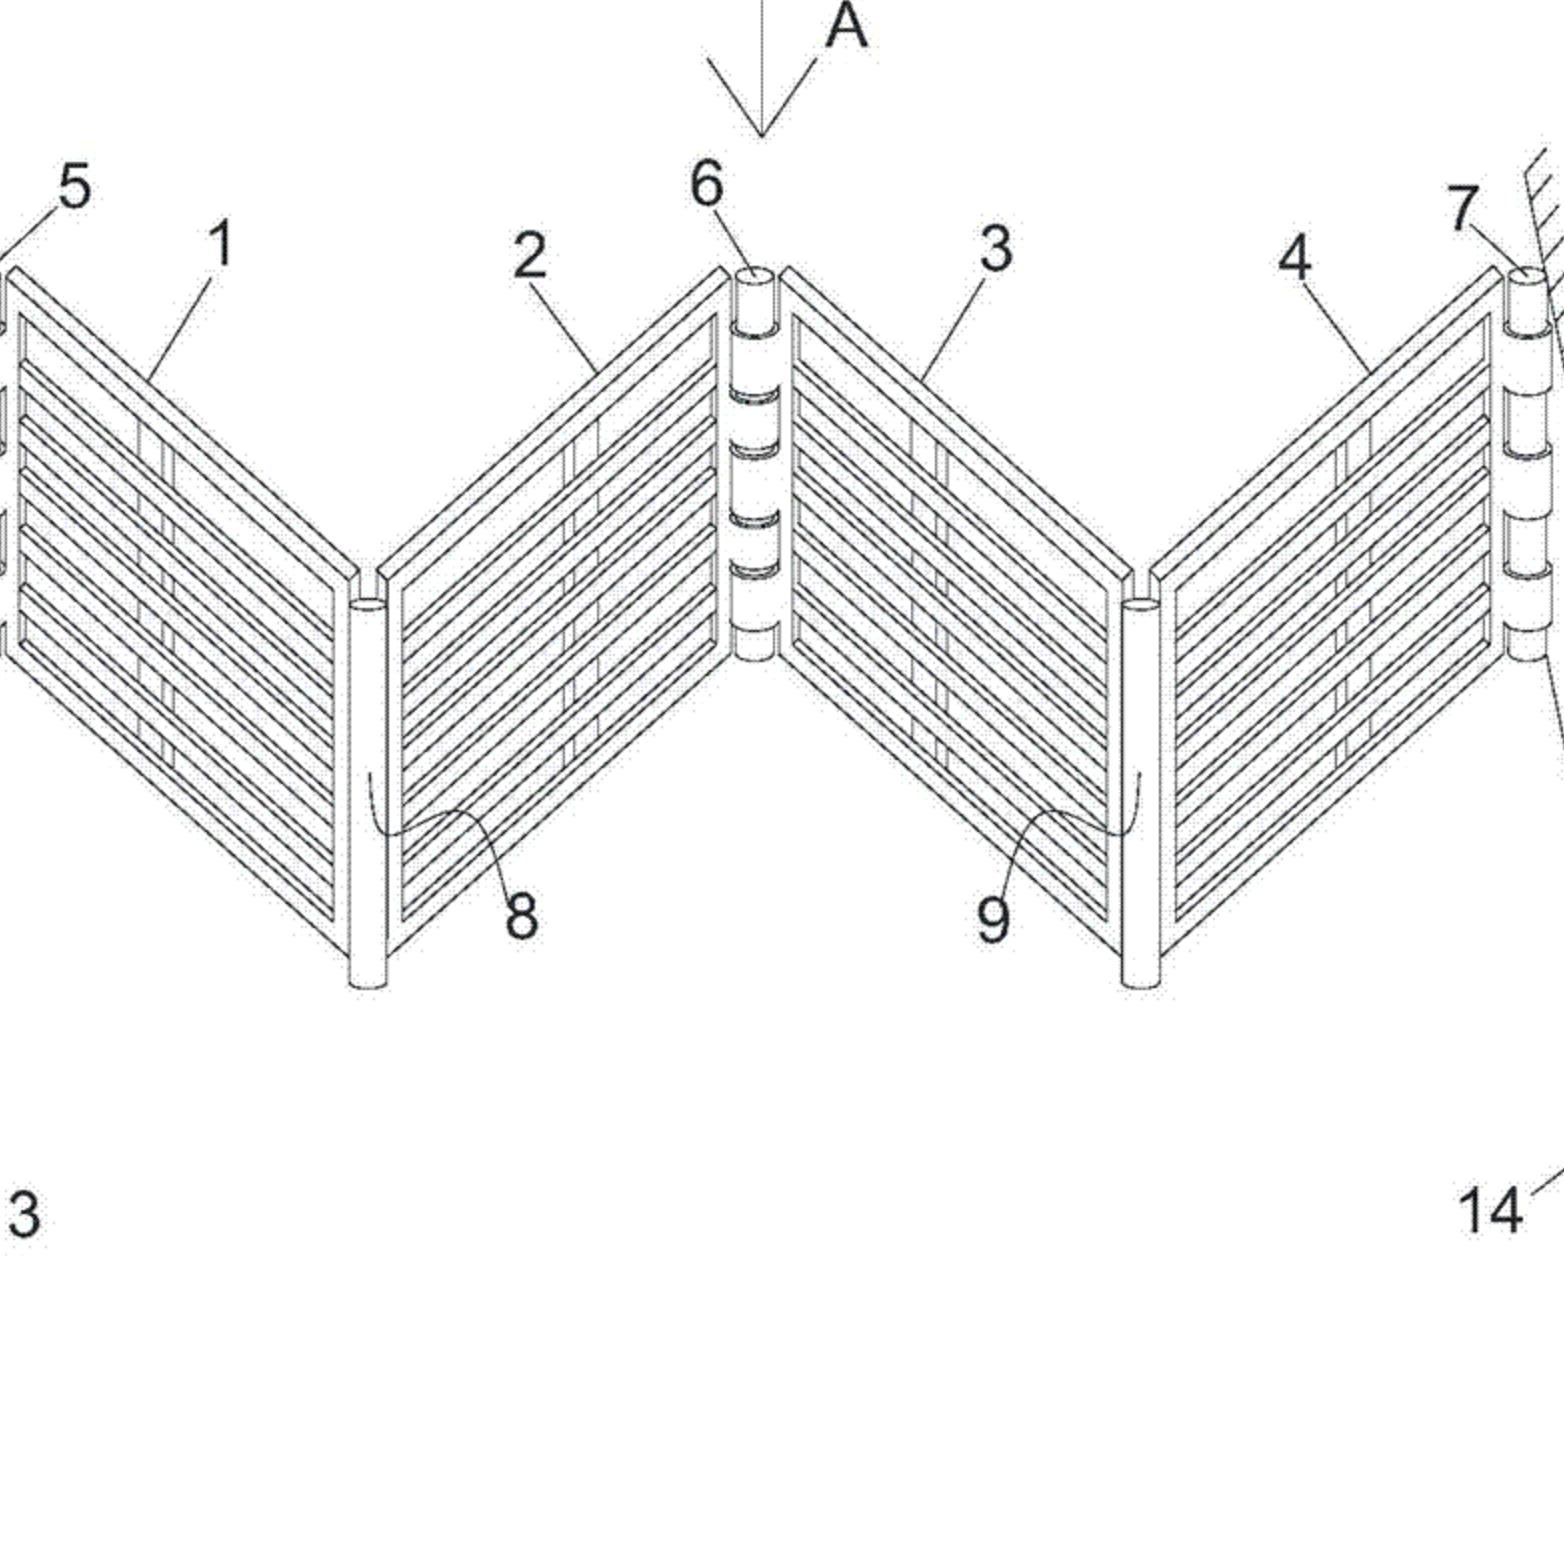 一种 V 形拦污栅结构及包含该结构的拦污栅系统